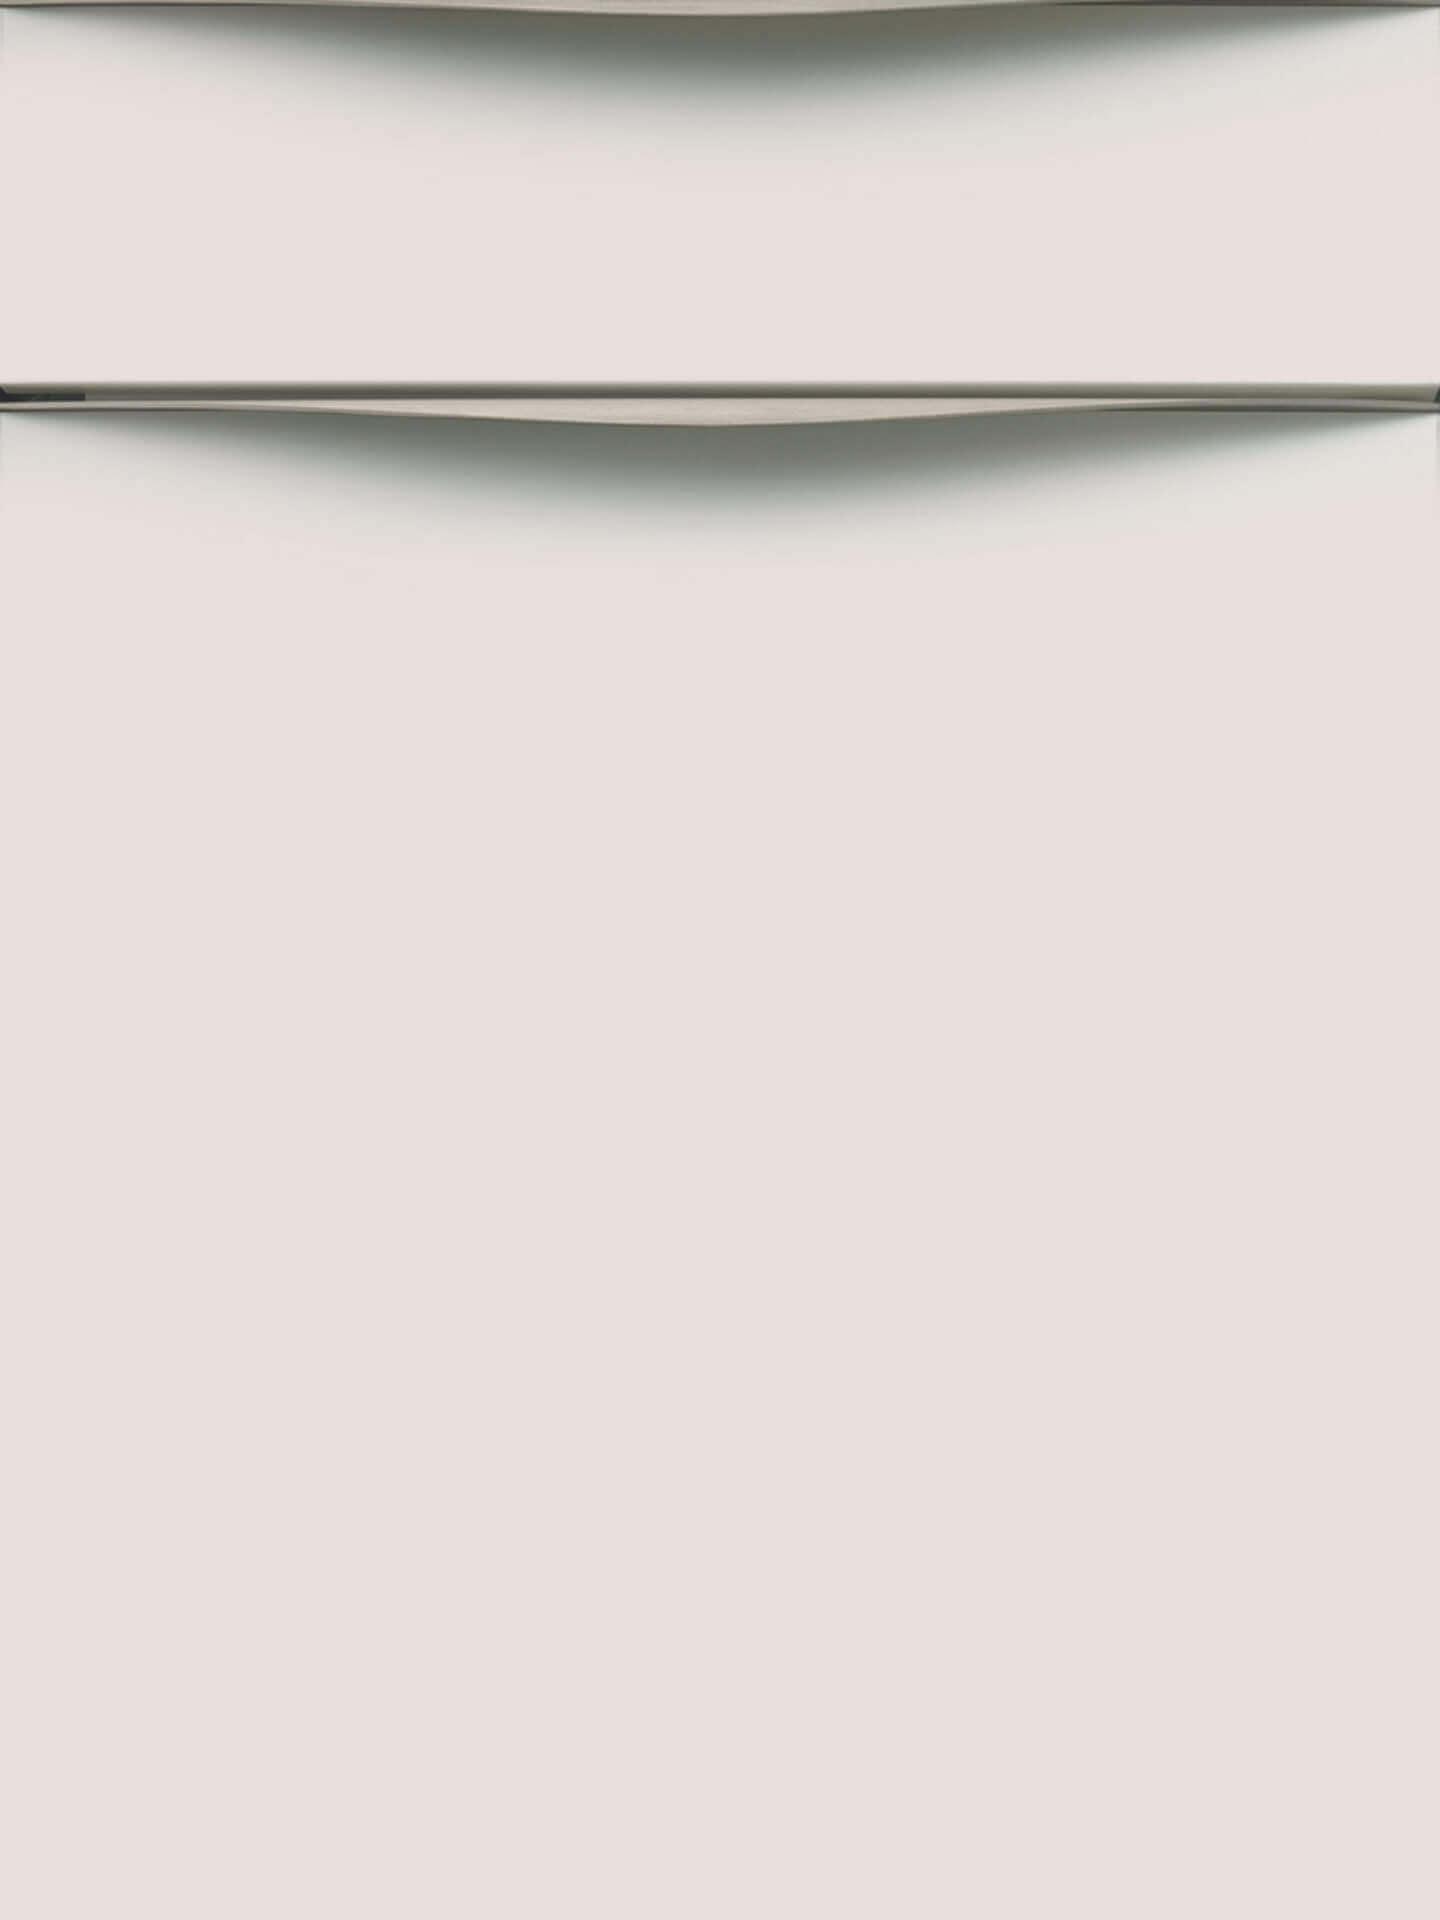 Full Size of Küchenschrank Griffe Möbelgriffe Küche Wohnzimmer Küchenschrank Griffe